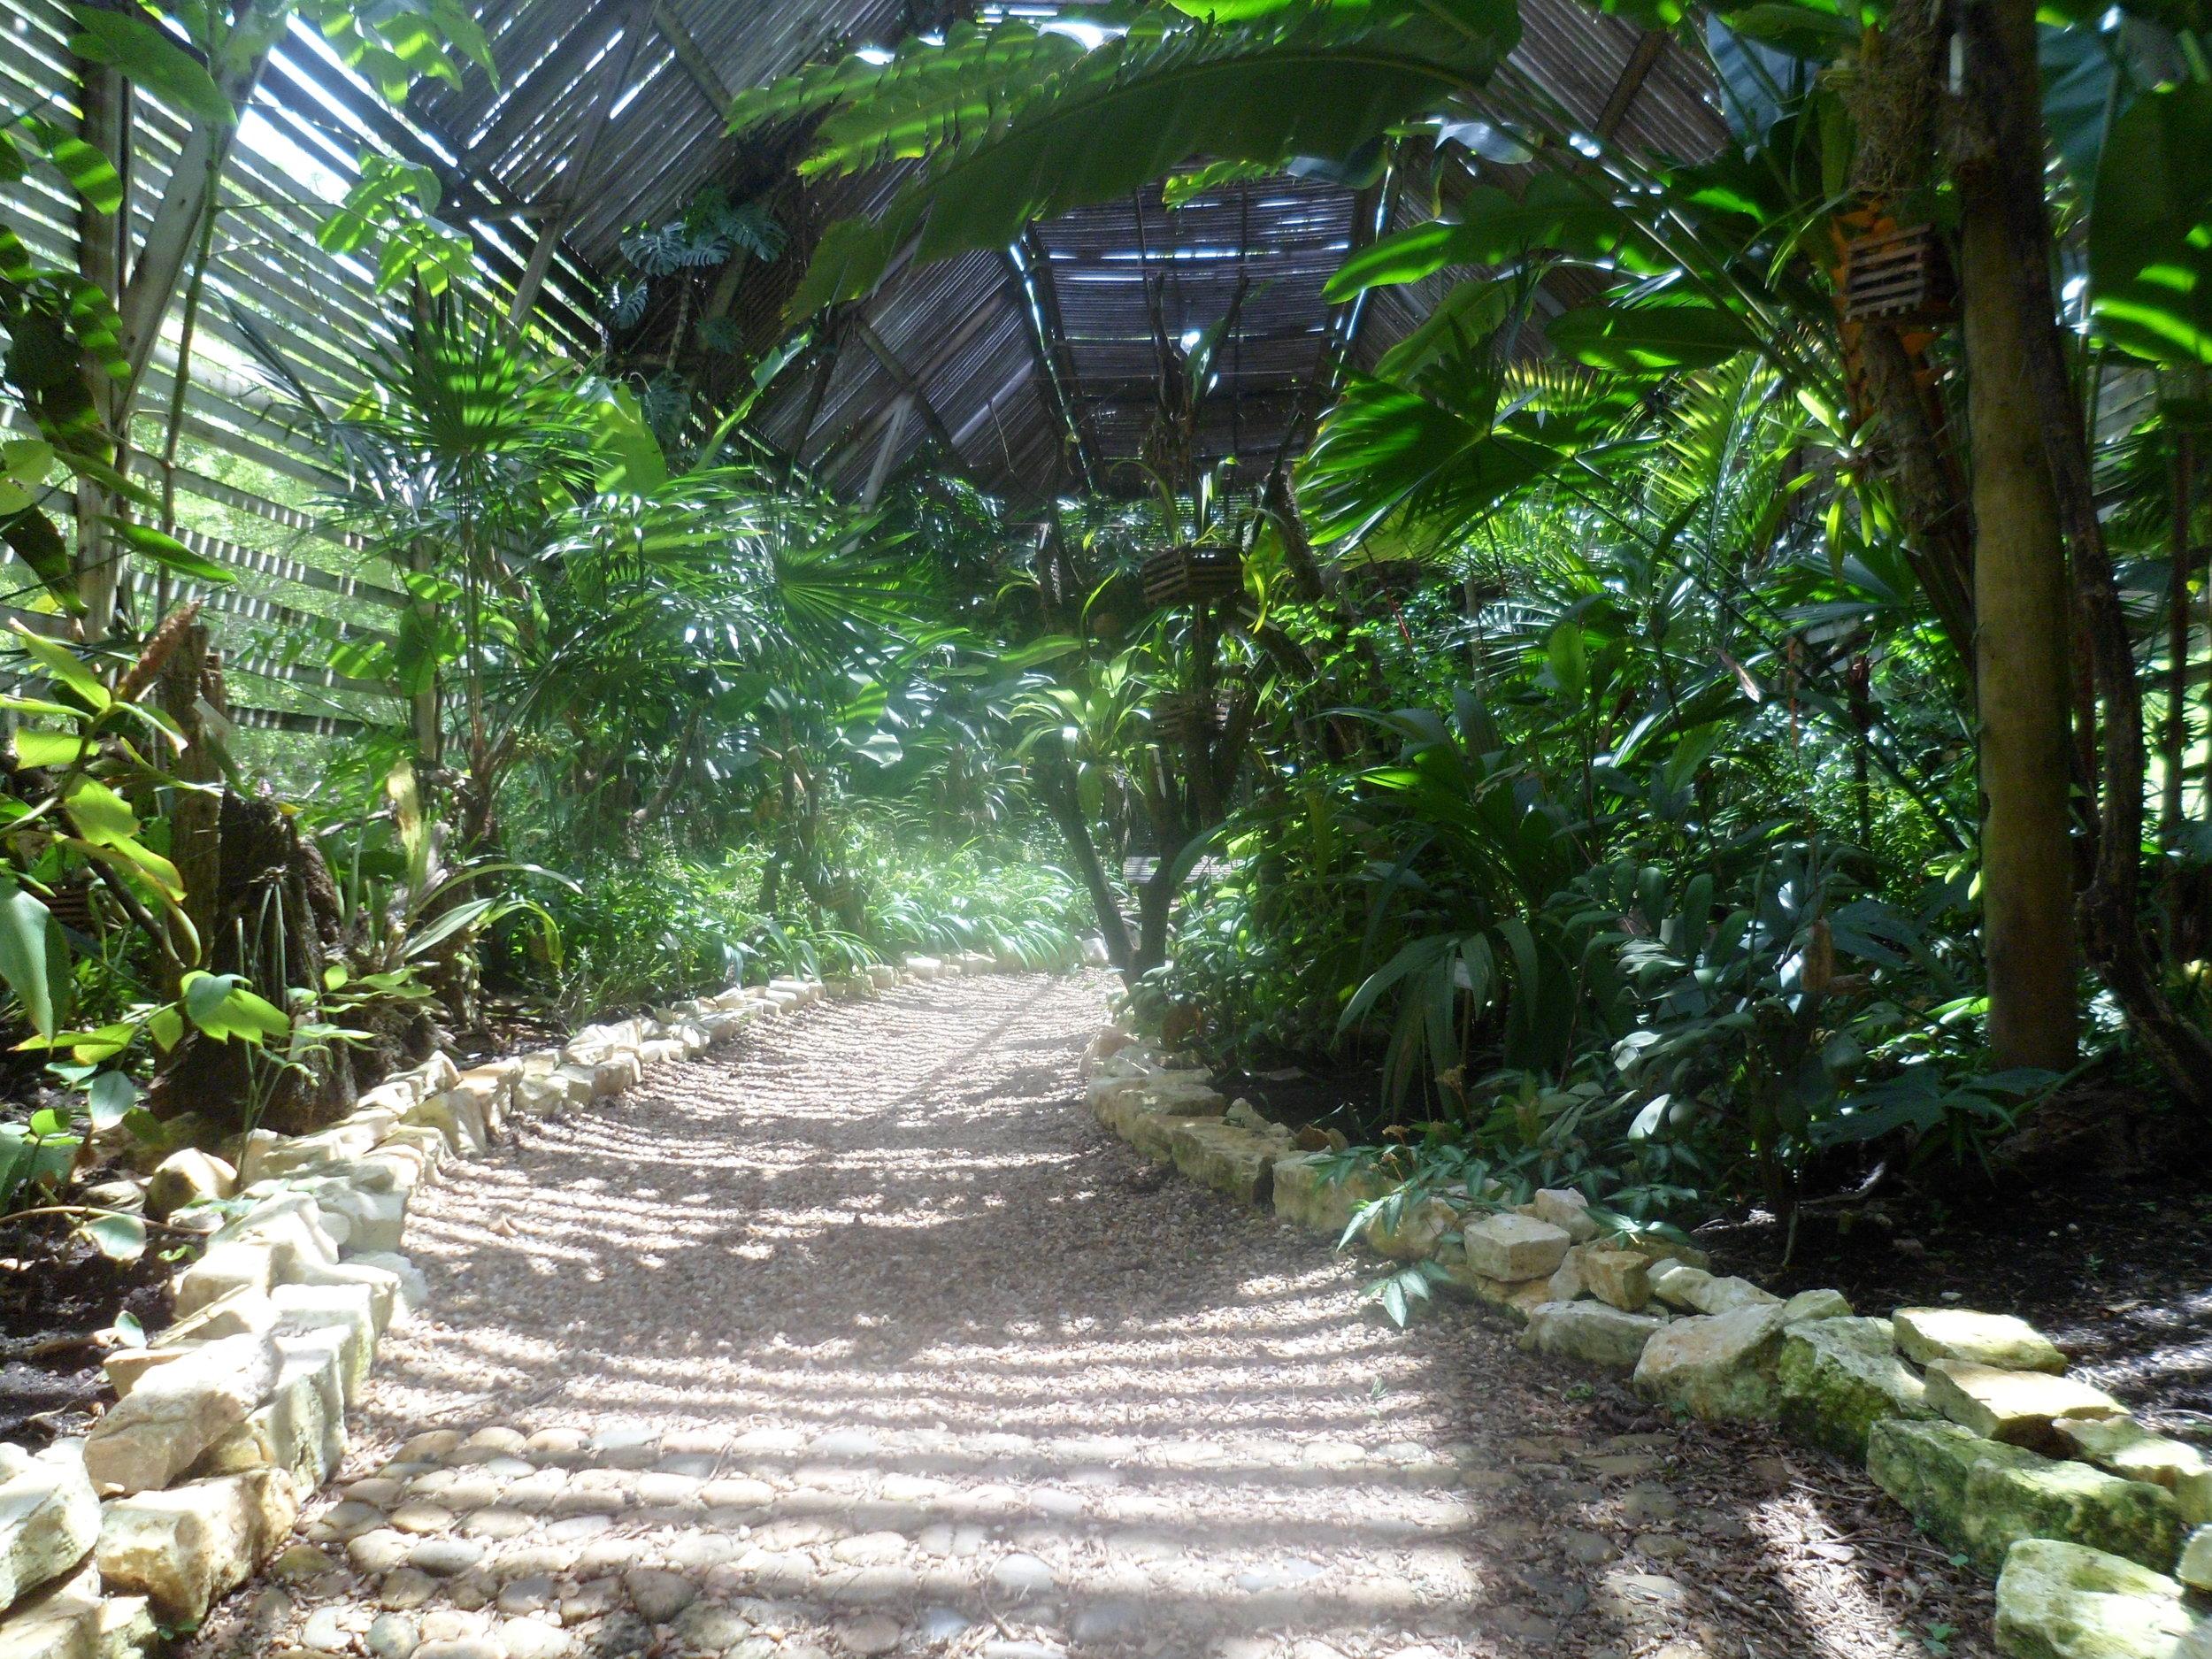 Jardin Botanico de Belice (9).JPG